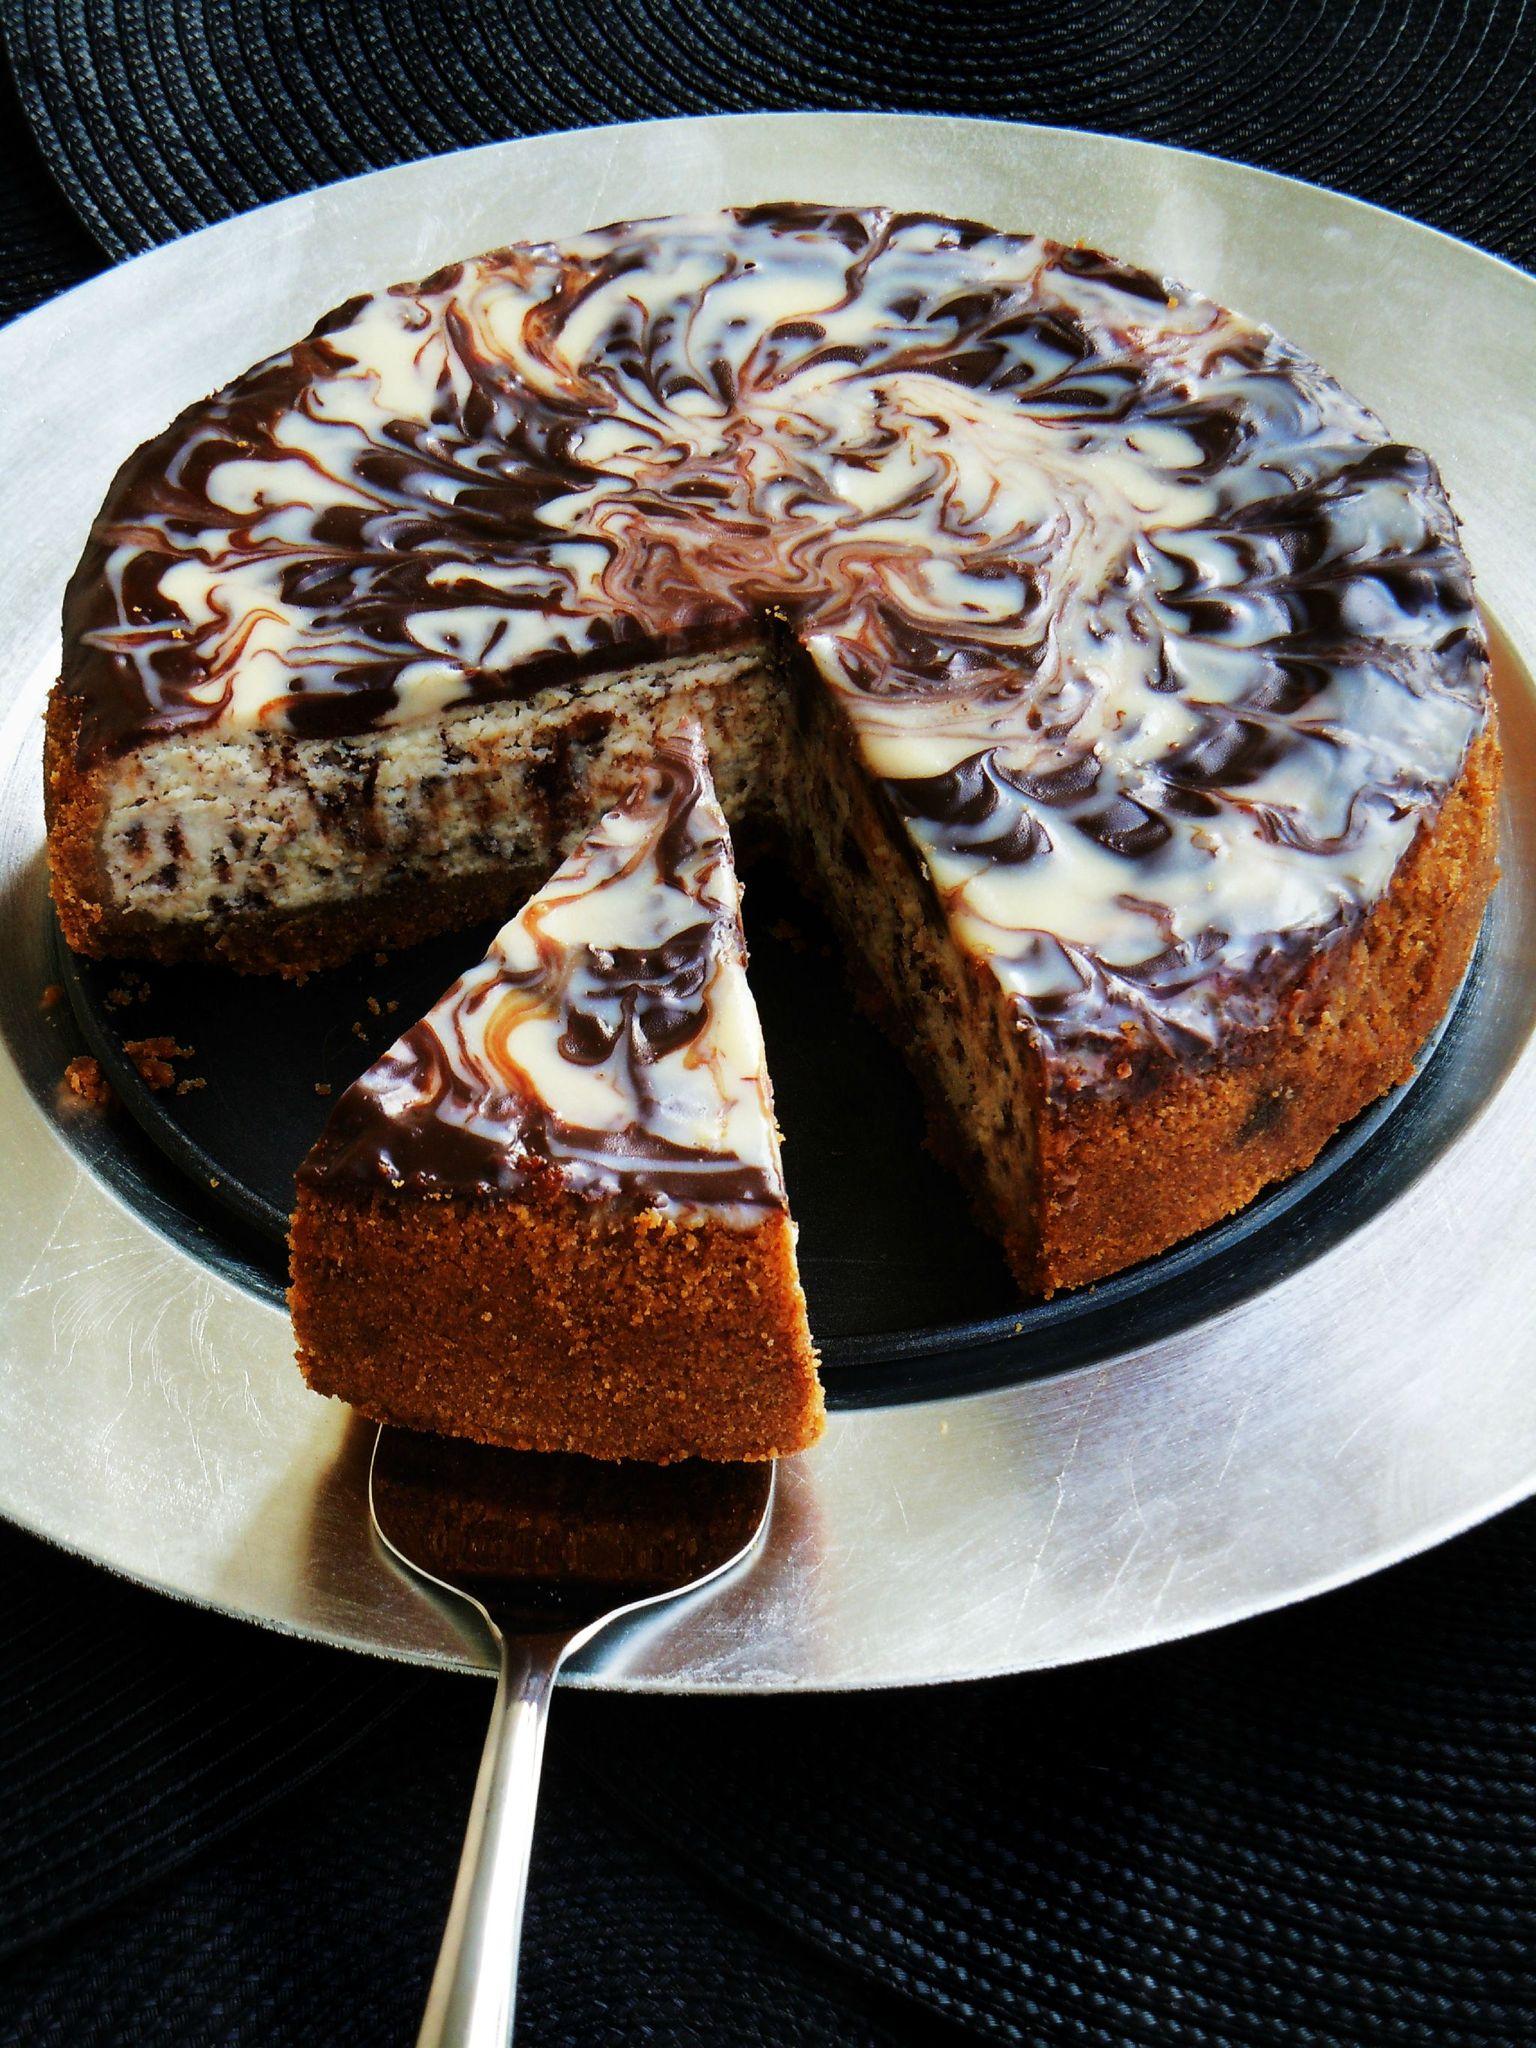 Gateau au chocolat blanc et noir marmiton